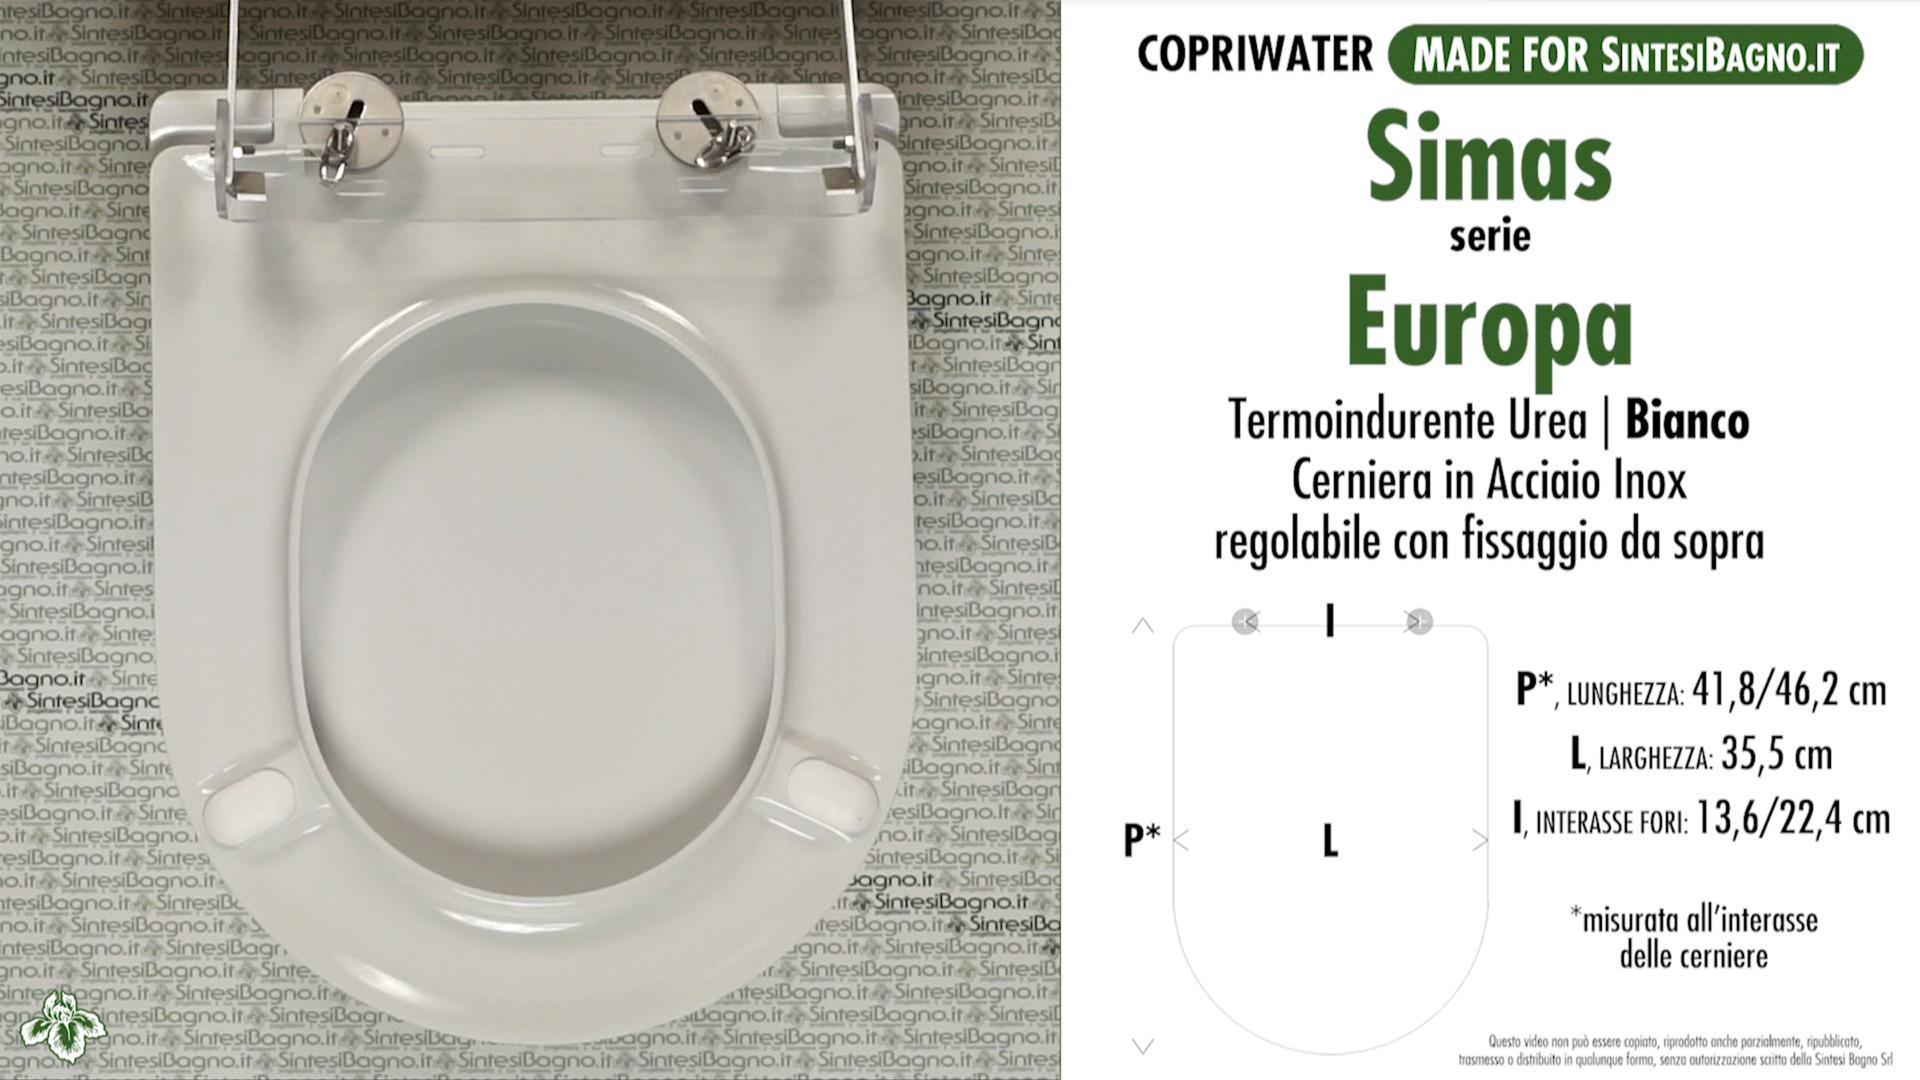 SCHEDA TECNICA MISURE copriwater SIMAS EUROPA